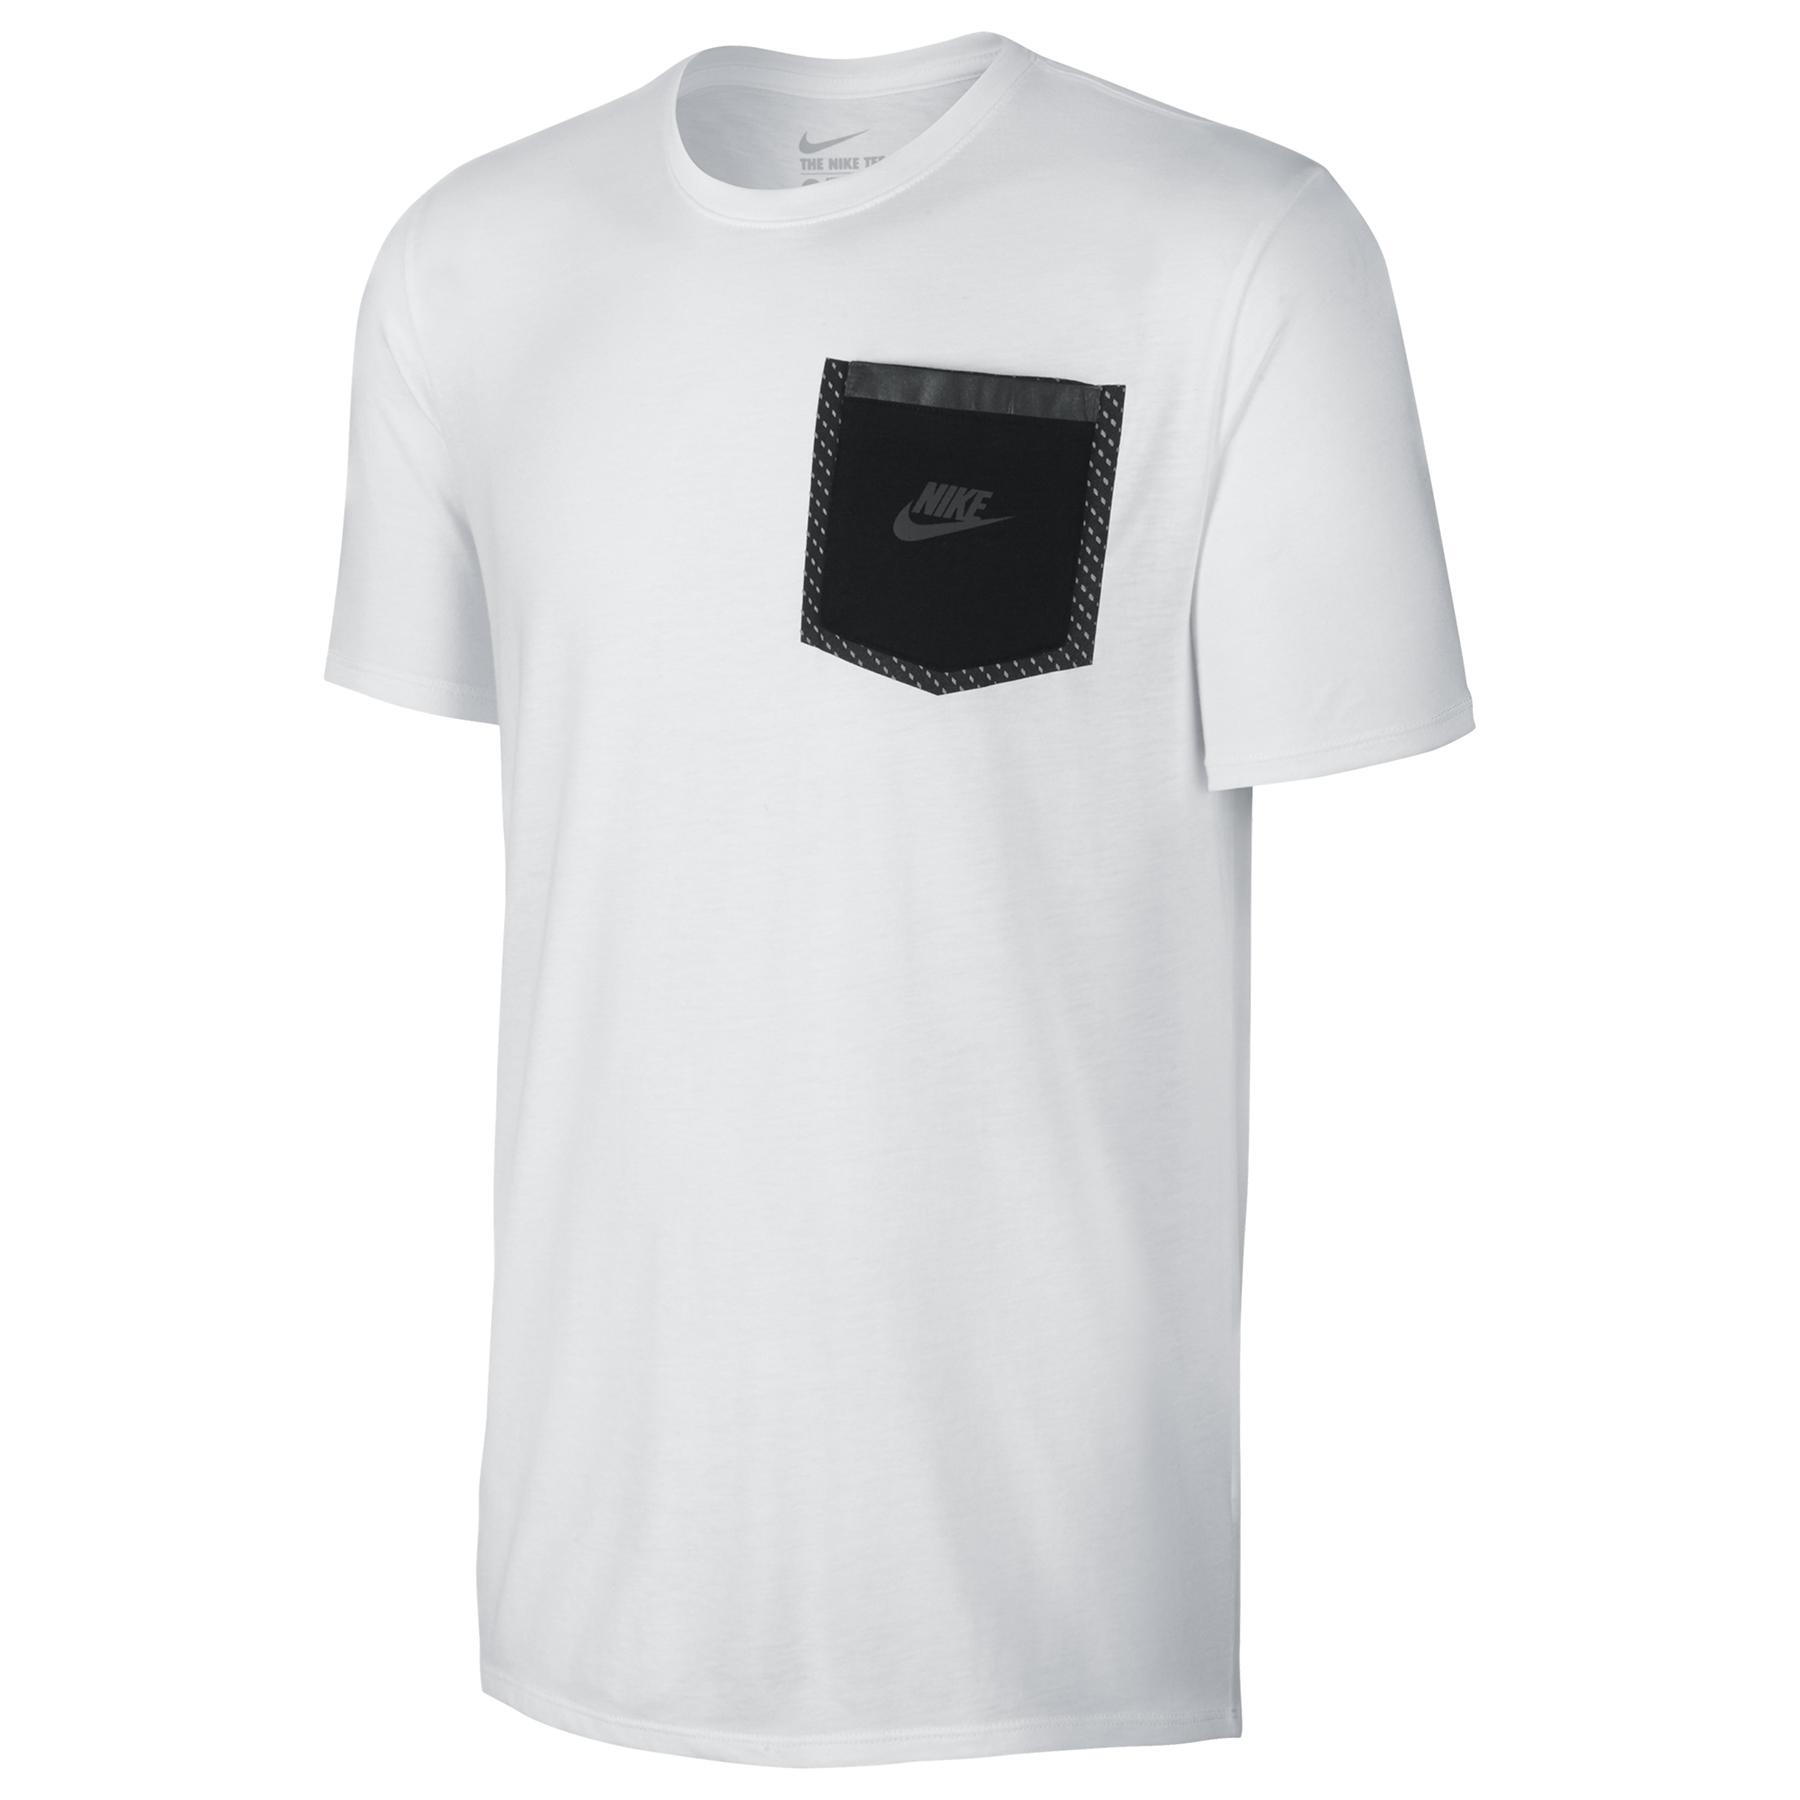 Image of Nike Reflective Pocket T-Shirt White, White